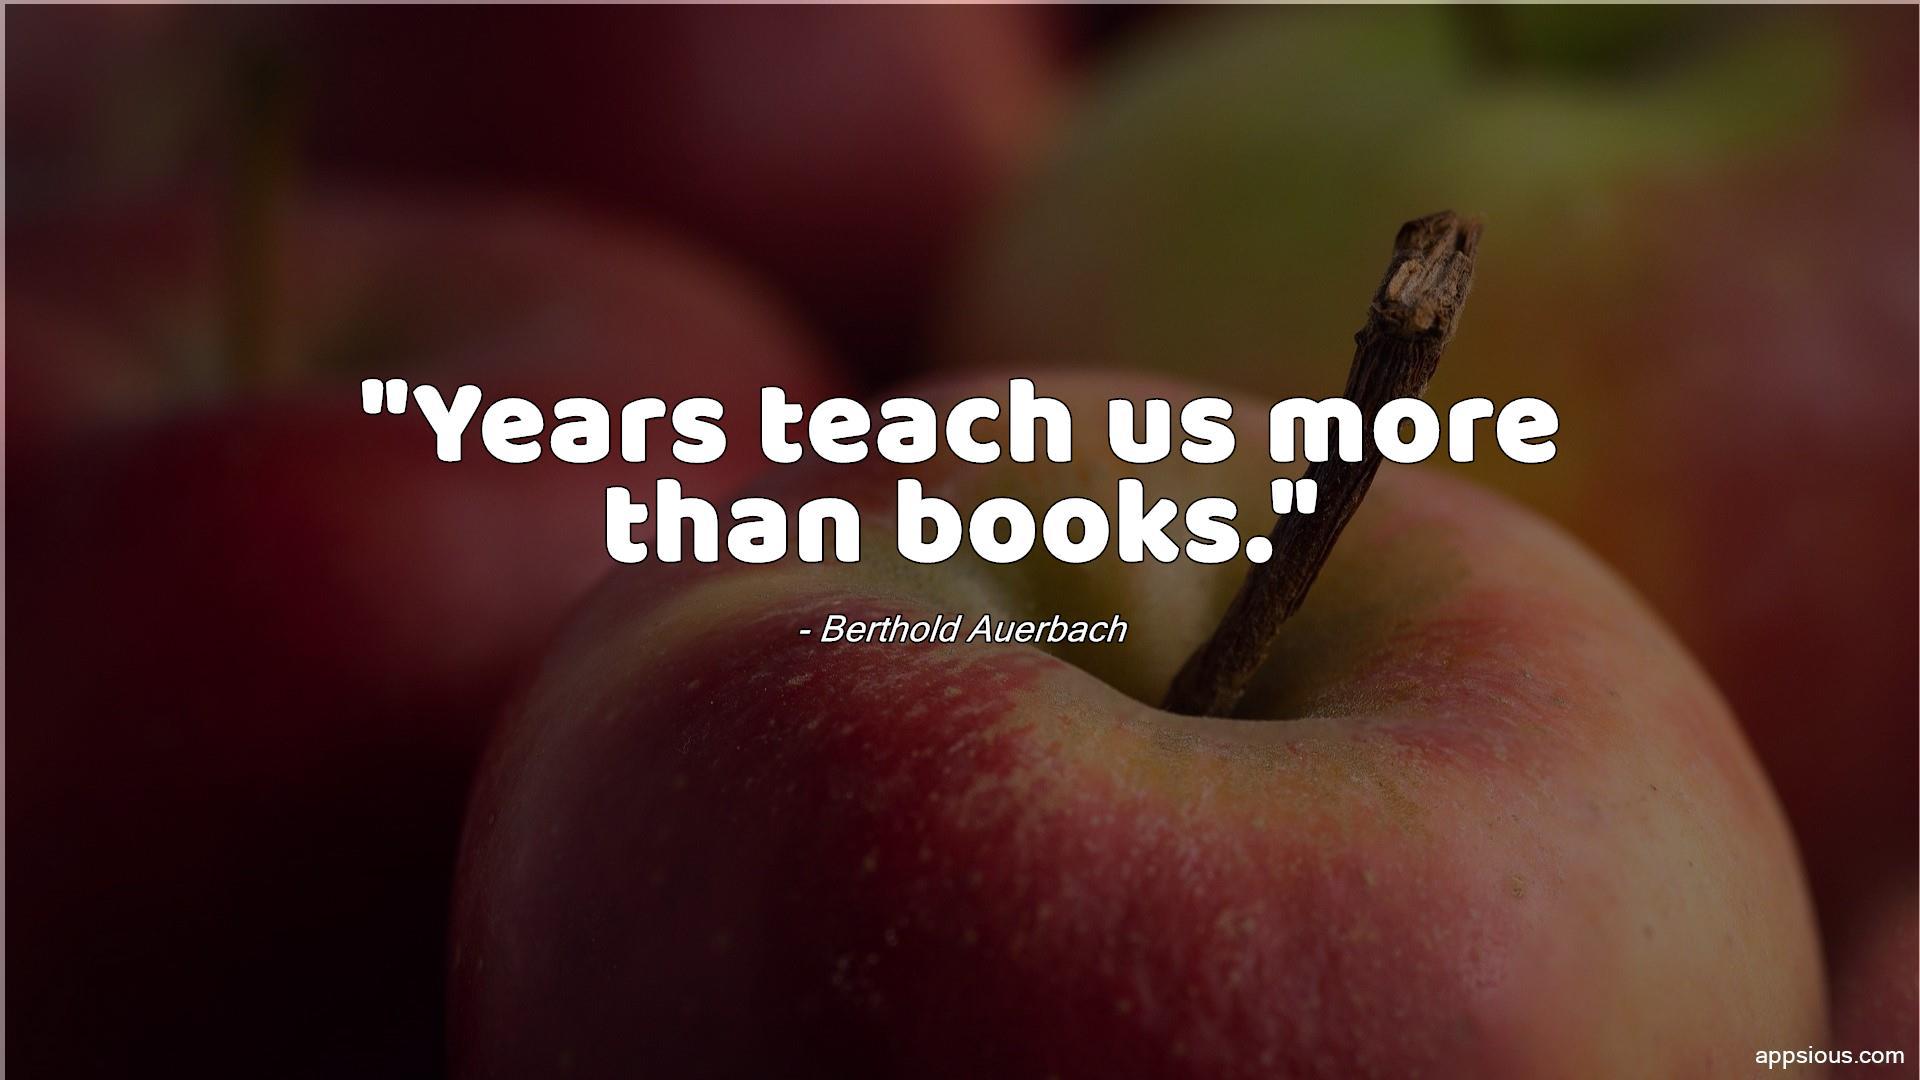 Years teach us more than books.